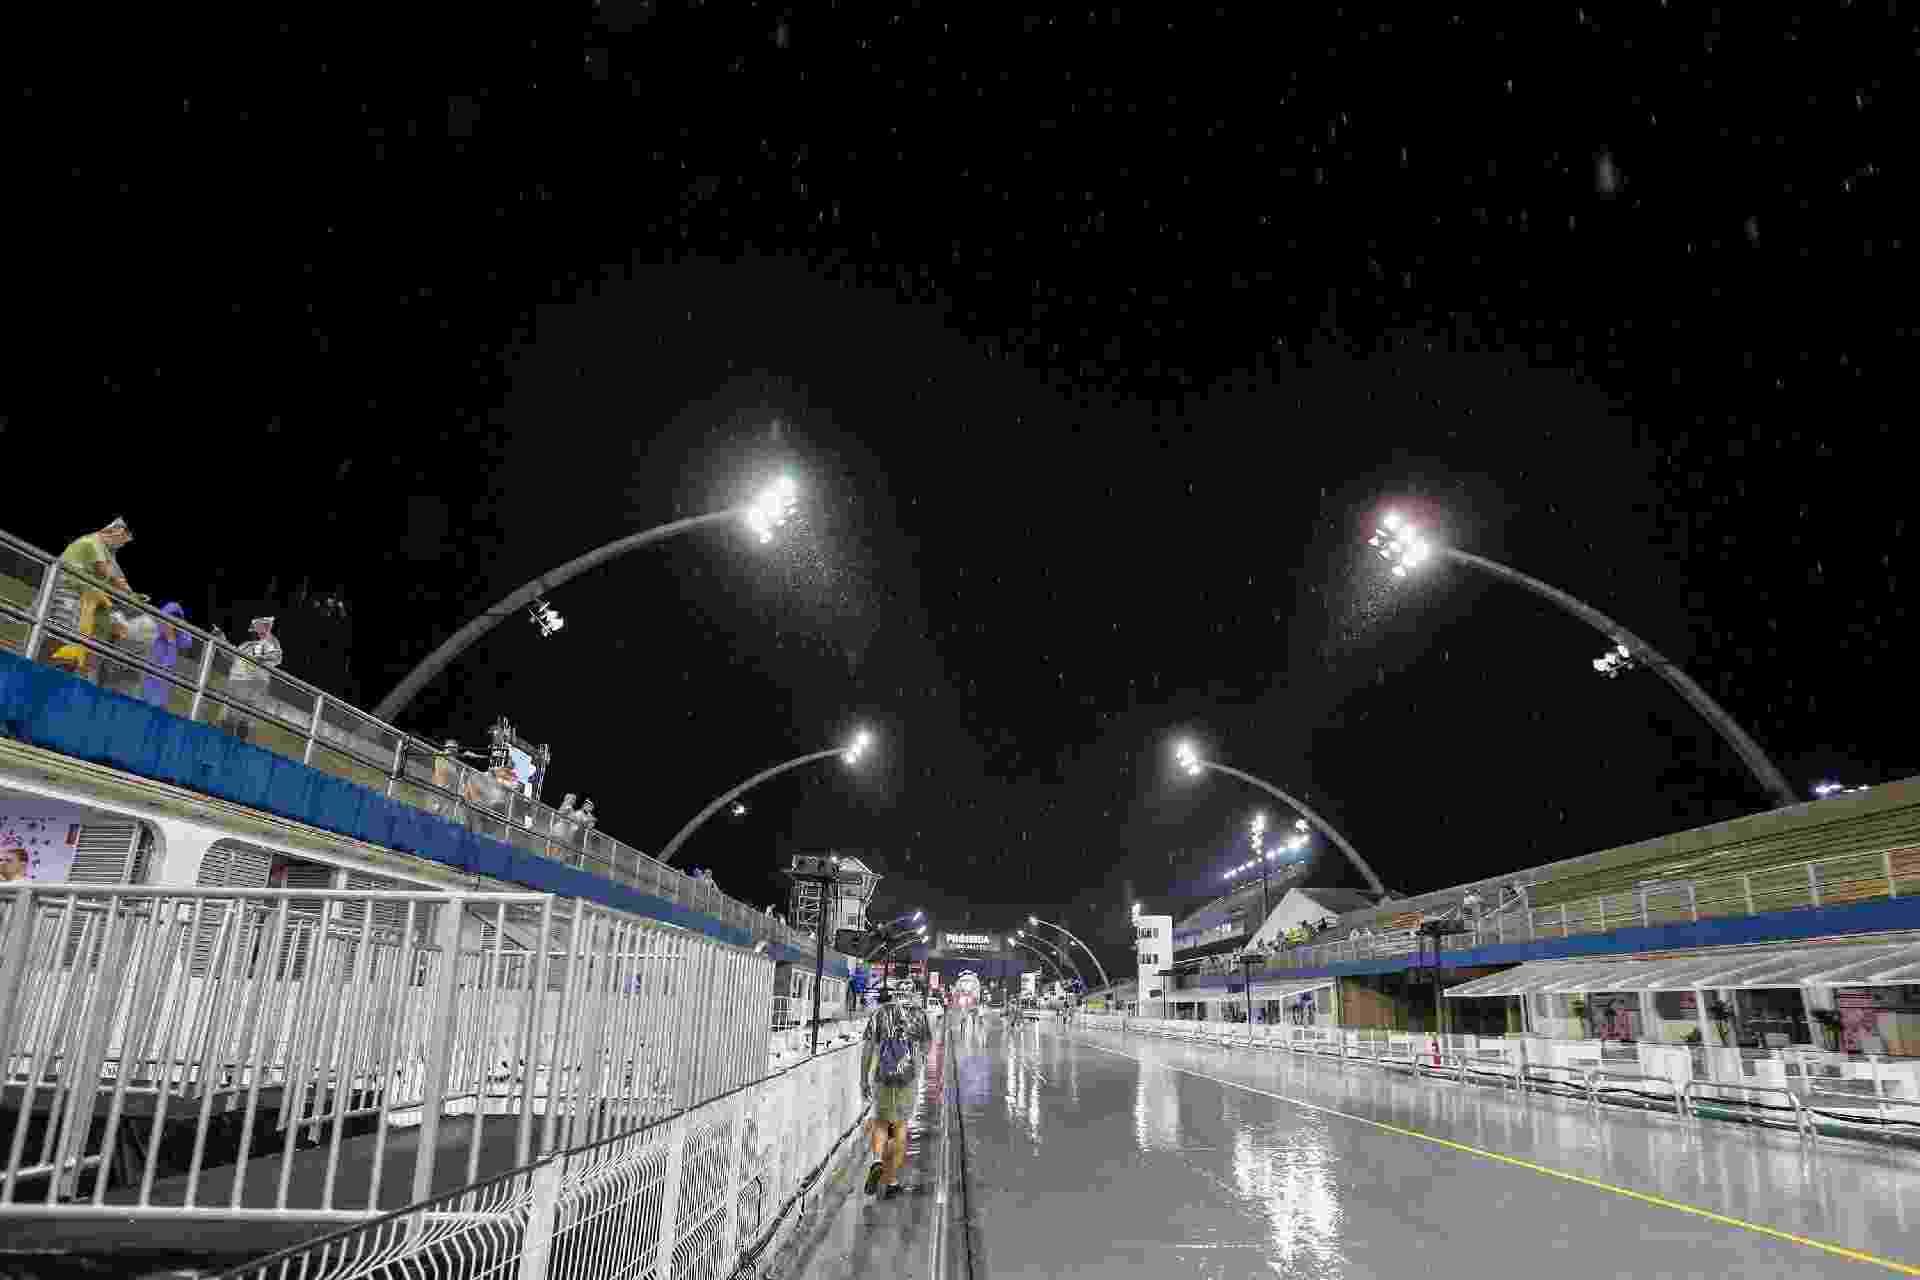 24.fev.2017 - Sambódromo no Anhembi é atingido por forte chuva horas antes do início do primeiro dia dos desfiles das escolas do Grupo Especial. A Tom Maior abre os desfiles às 23h15 - Suamy Beydoun/Agif/Estadão Conteúdo